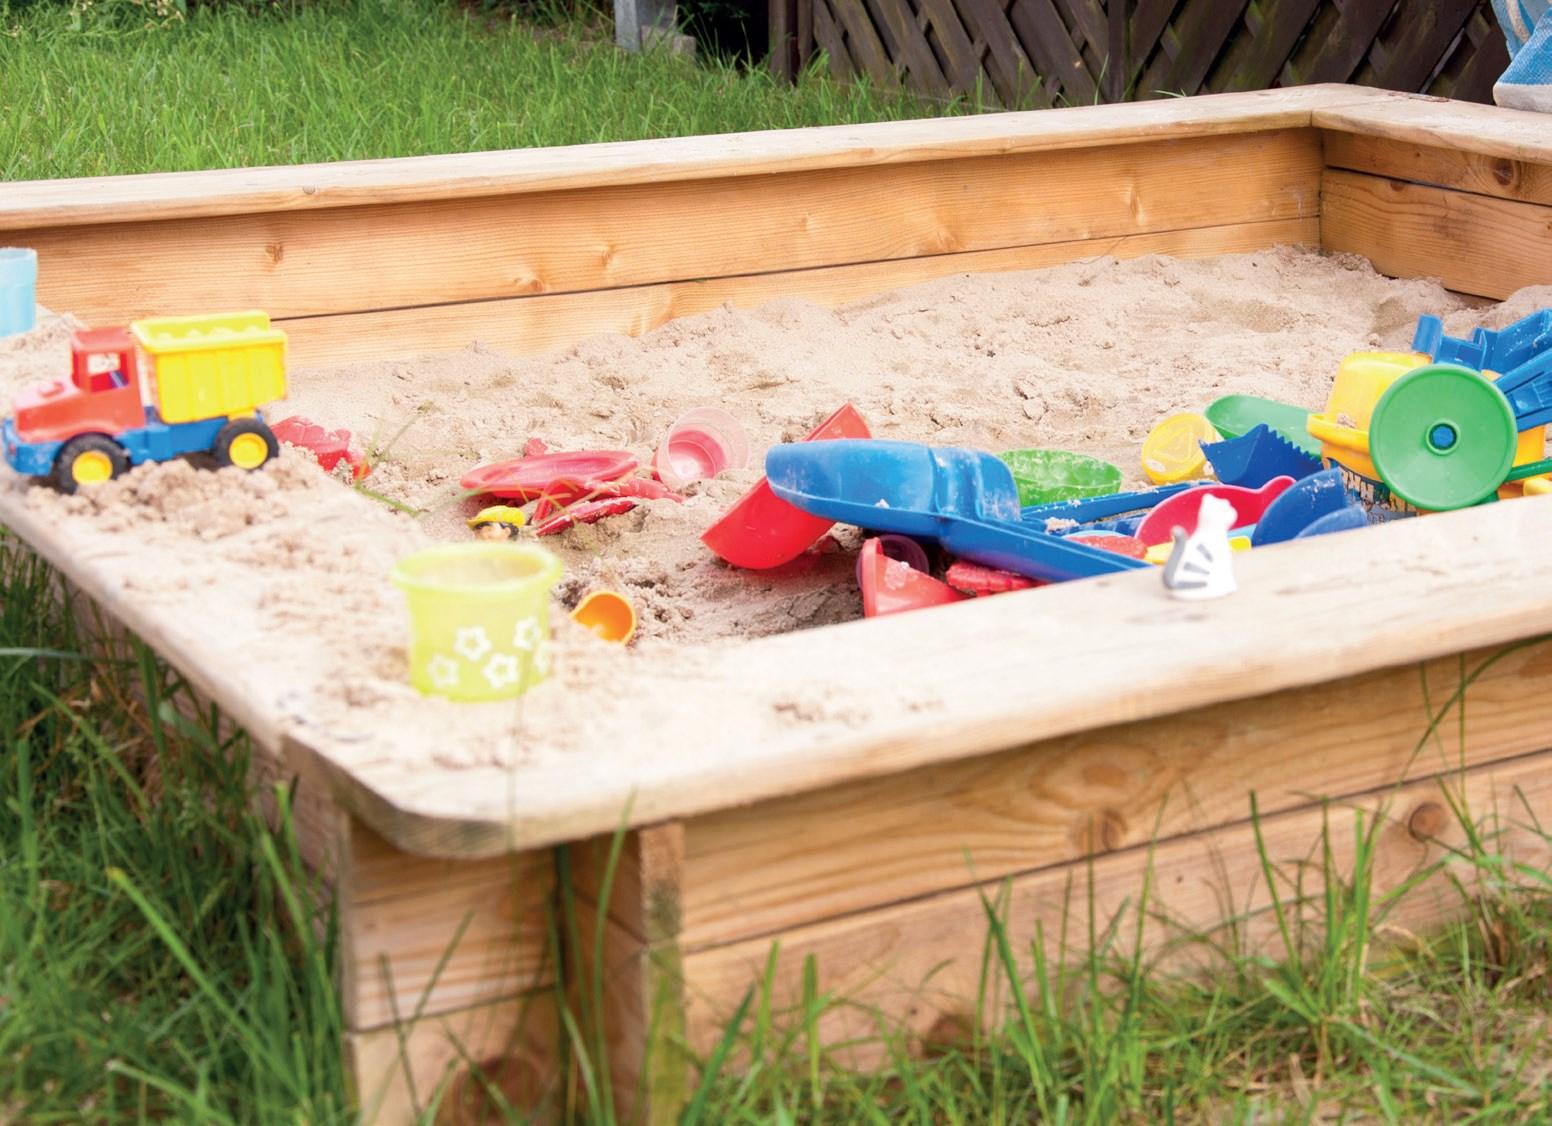 Kontrola stanu placu zabaw w żłobku i przedszkolu